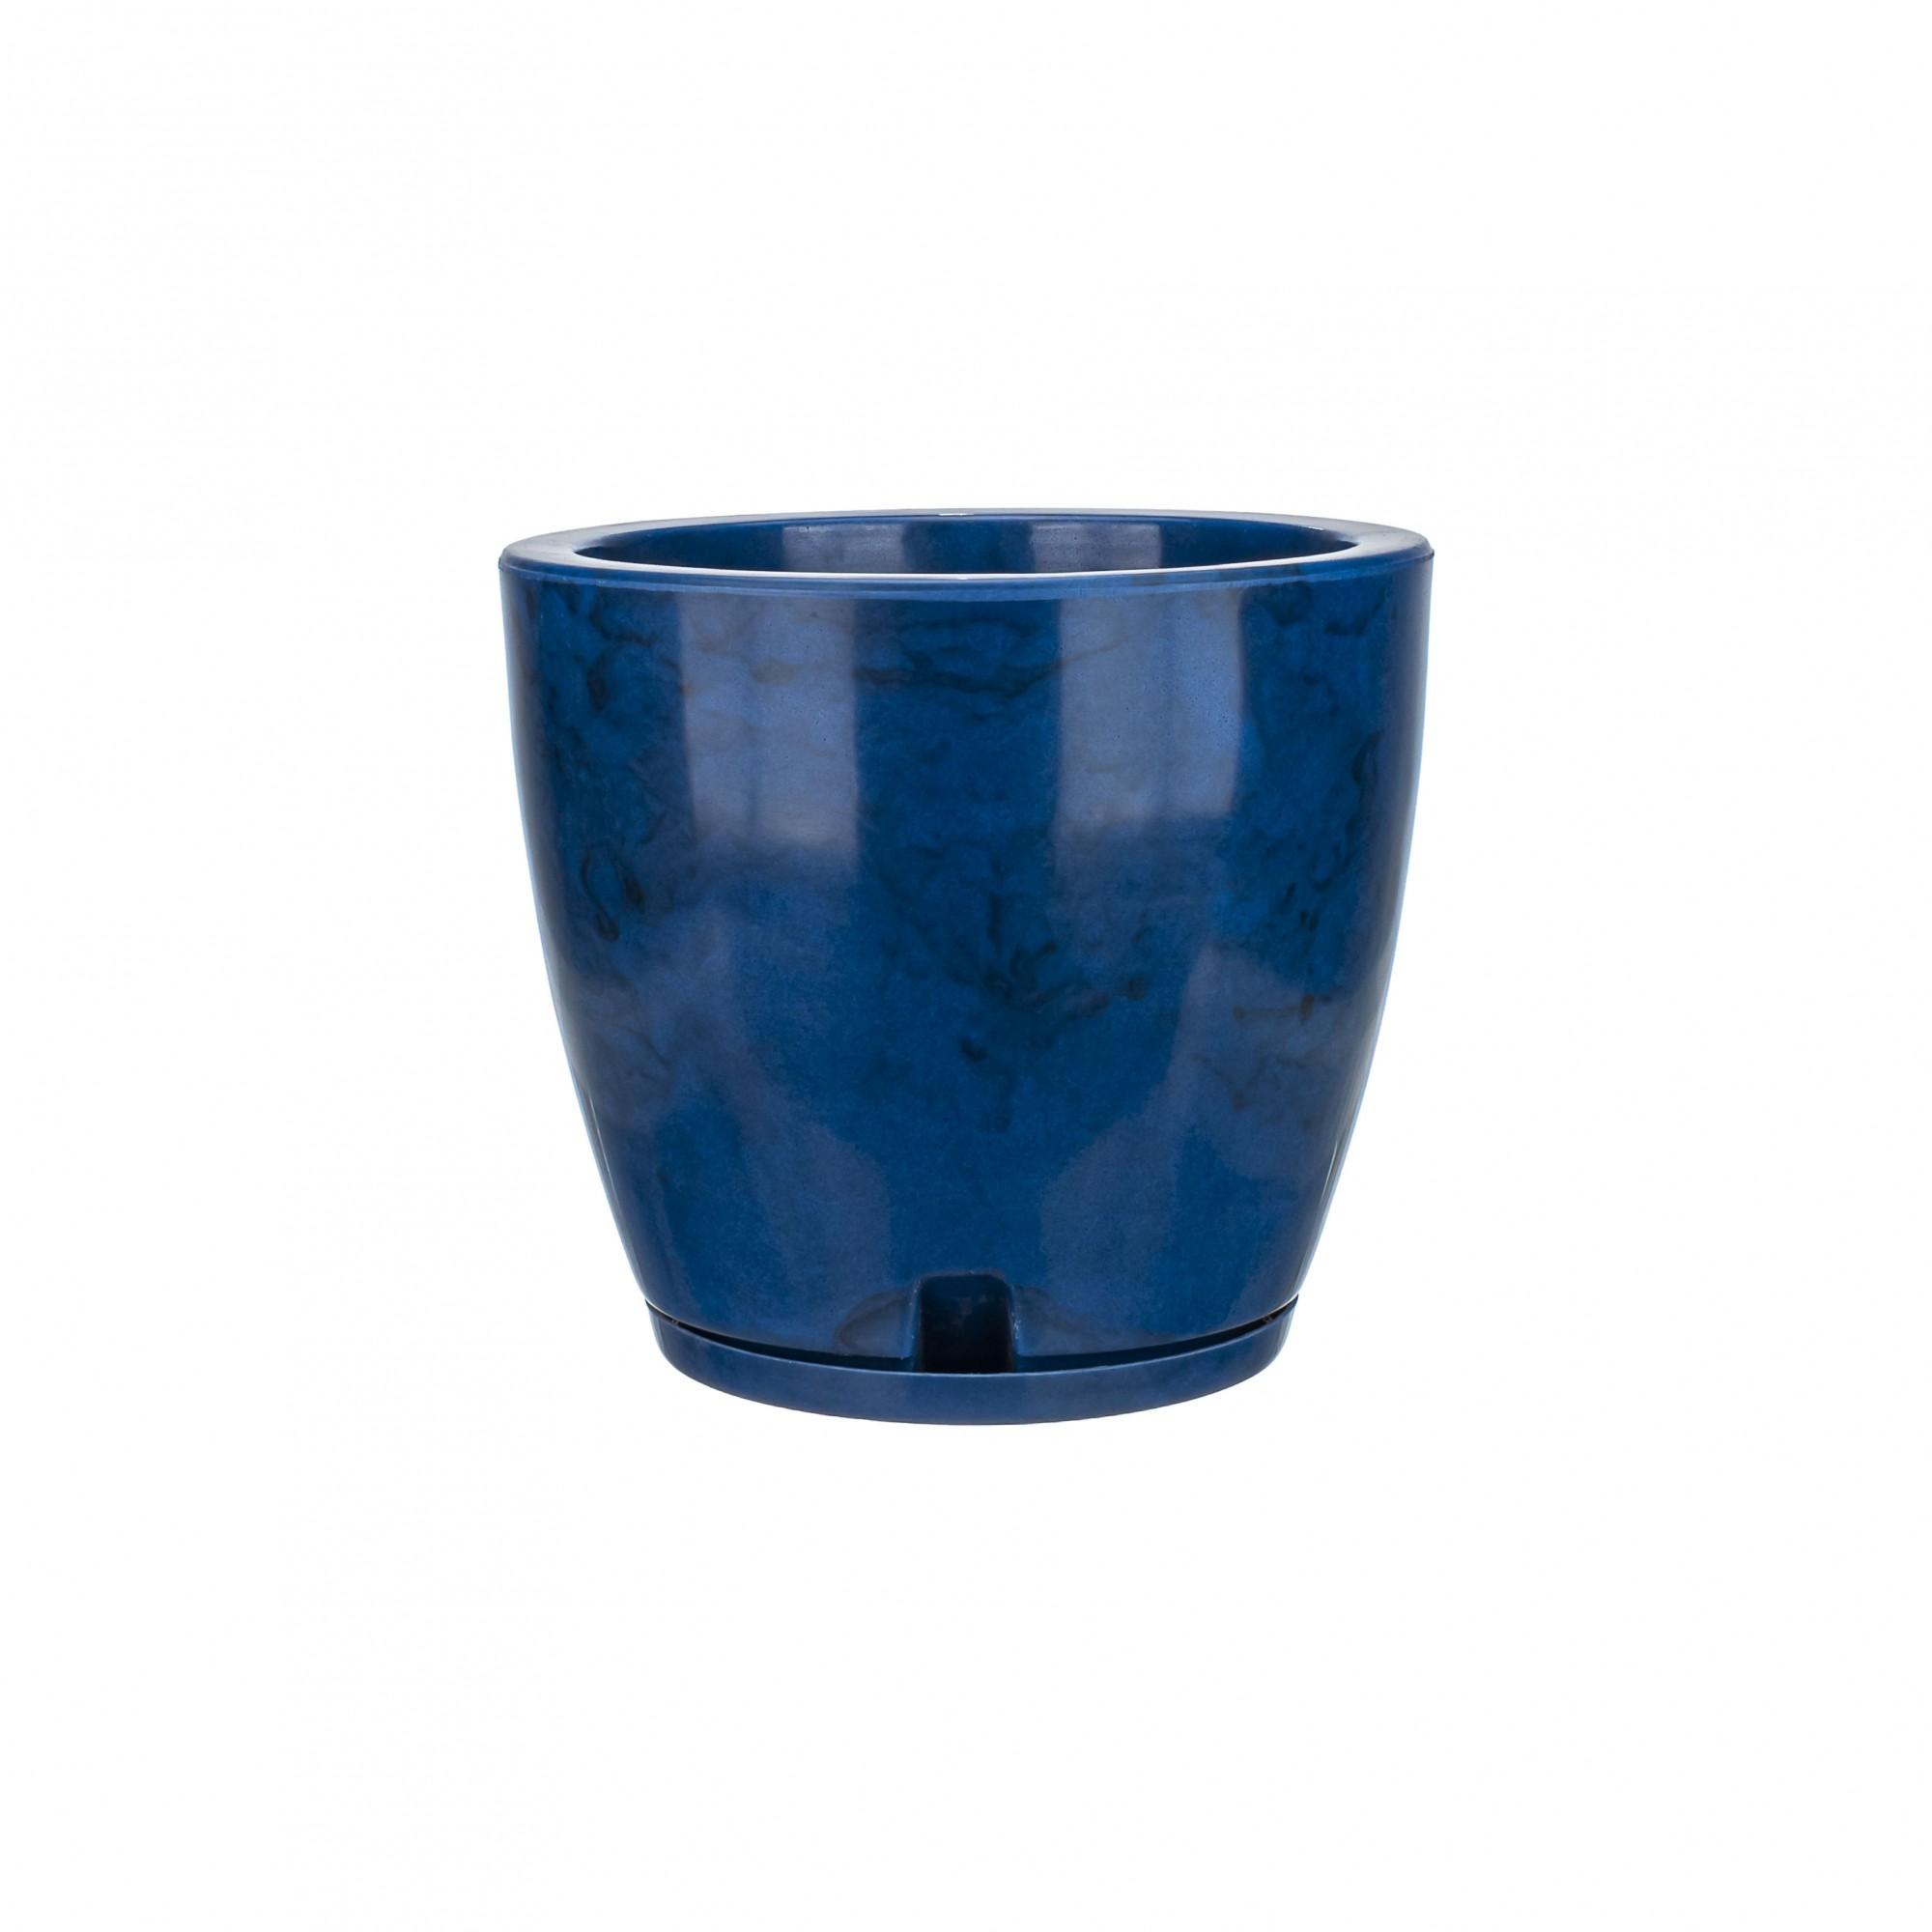 Vaso Amsterdã Marmorato Azul - 27 x 28 cm